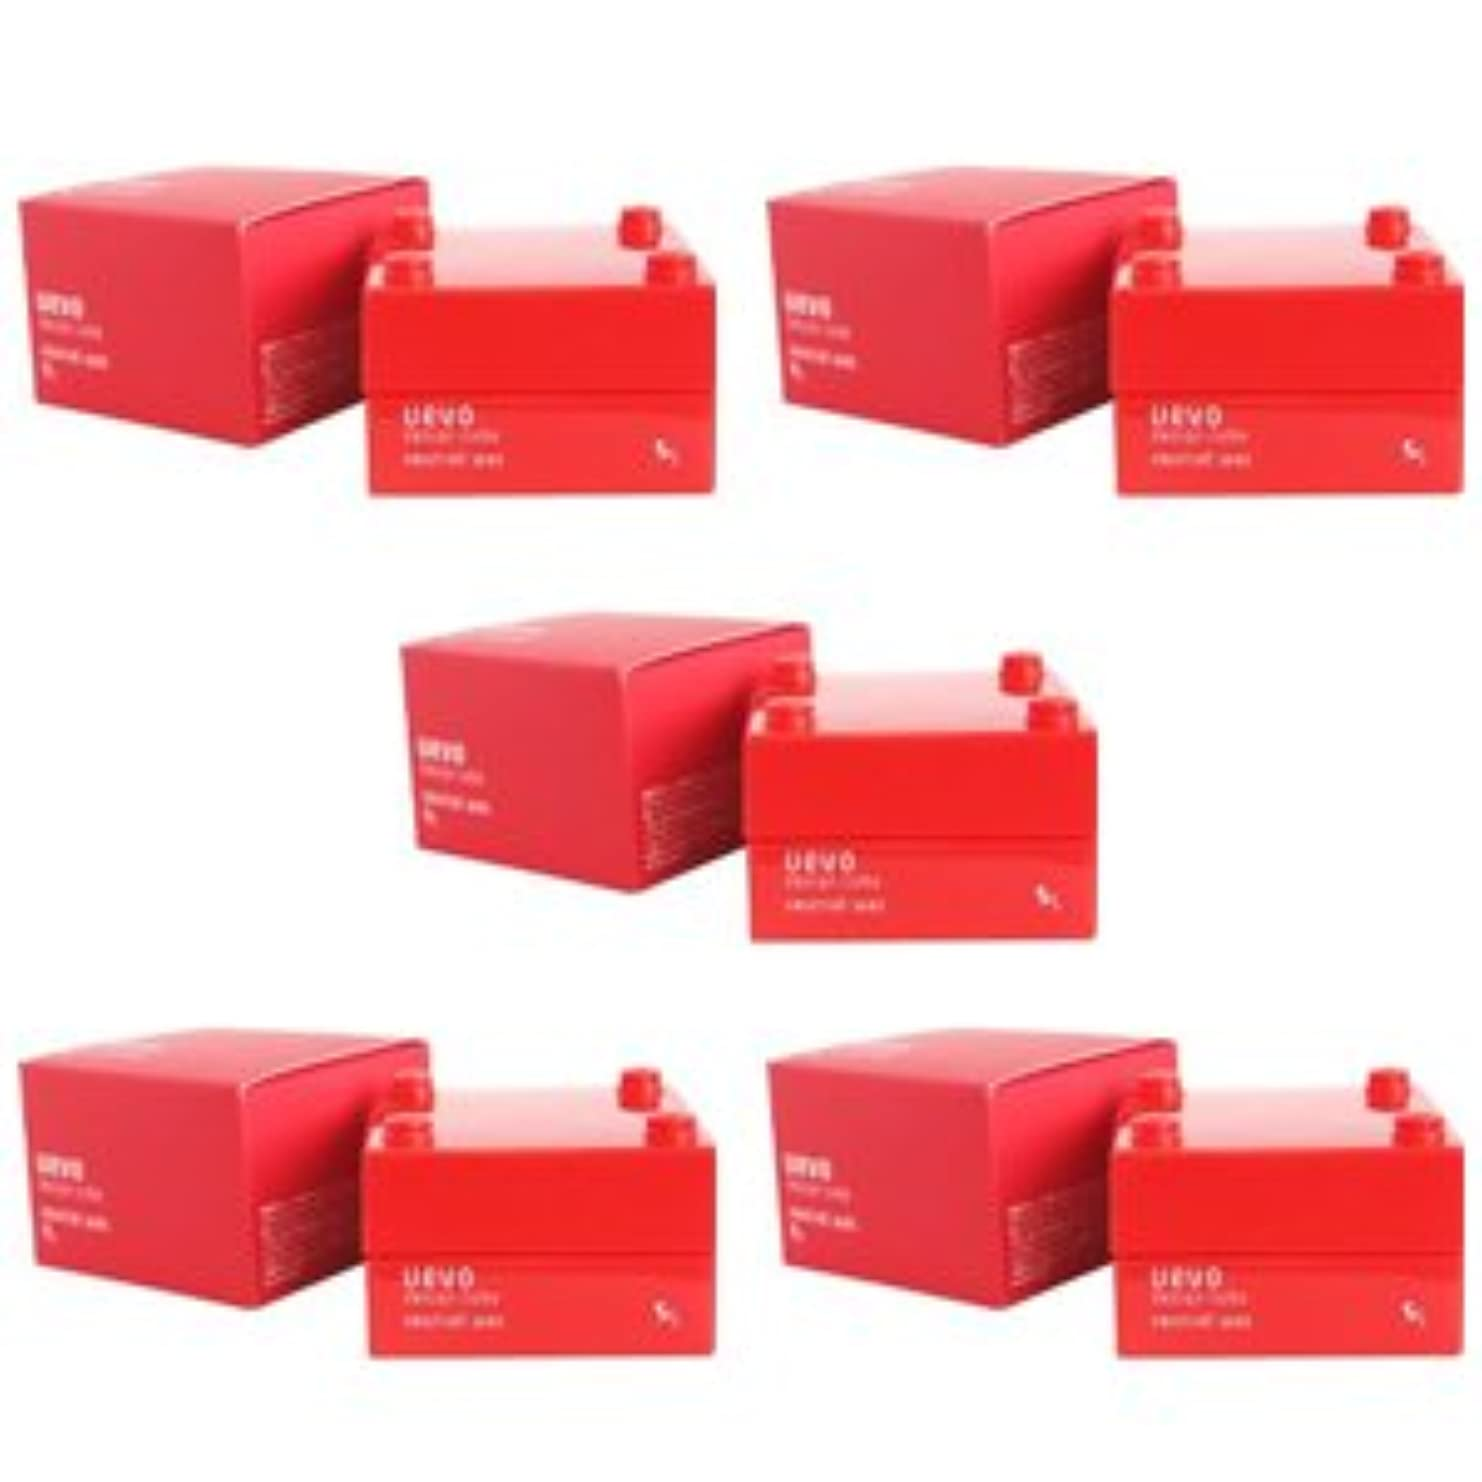 フォルダ苦悩スムーズに【X5個セット】 デミ ウェーボ デザインキューブ ニュートラルワックス 30g neutral wax DEMI uevo design cube